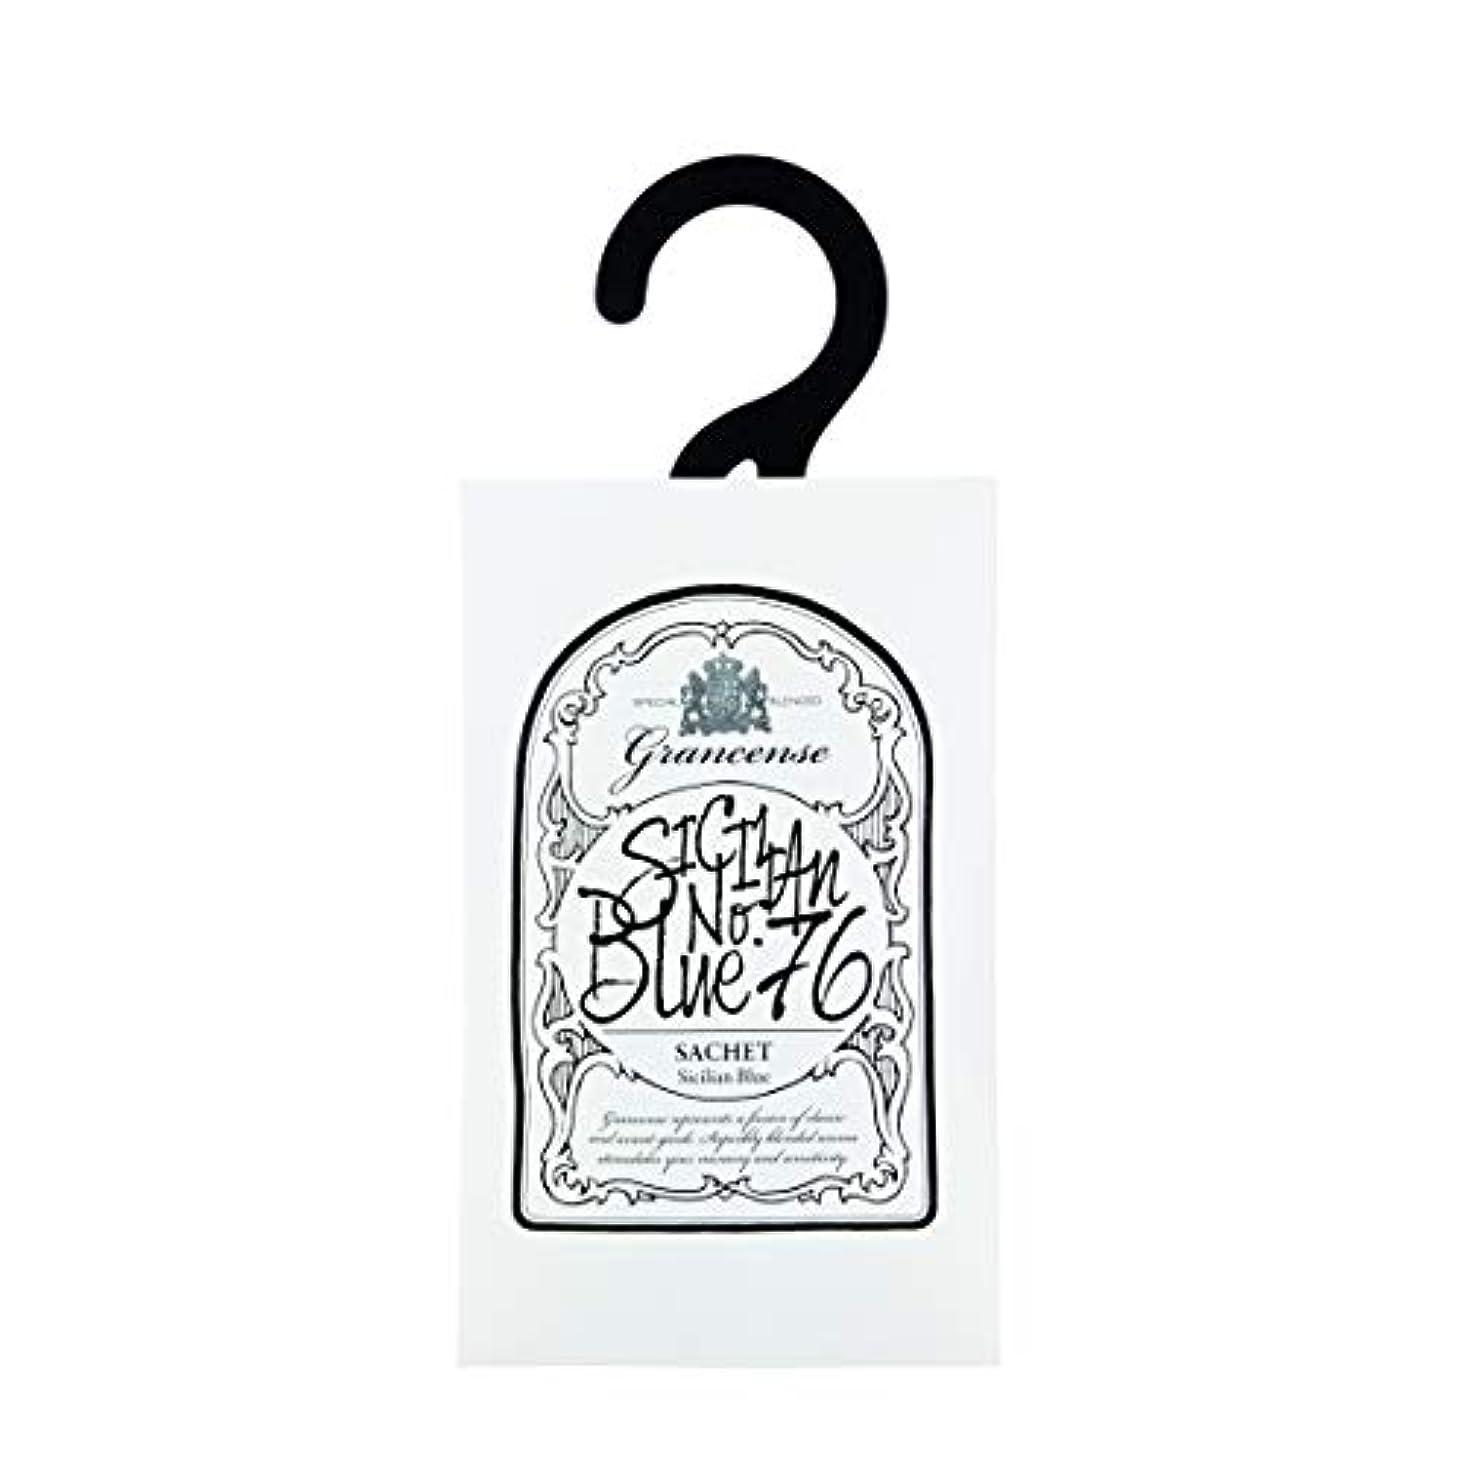 適合しました考古学者没頭するグランセンス サシェ(約2~4週間) シチリアンブルー 12g(芳香剤 香り袋 アロマサシェ レモンやライムの爽快なシトラスノートは清涼感を感じさせる香り)